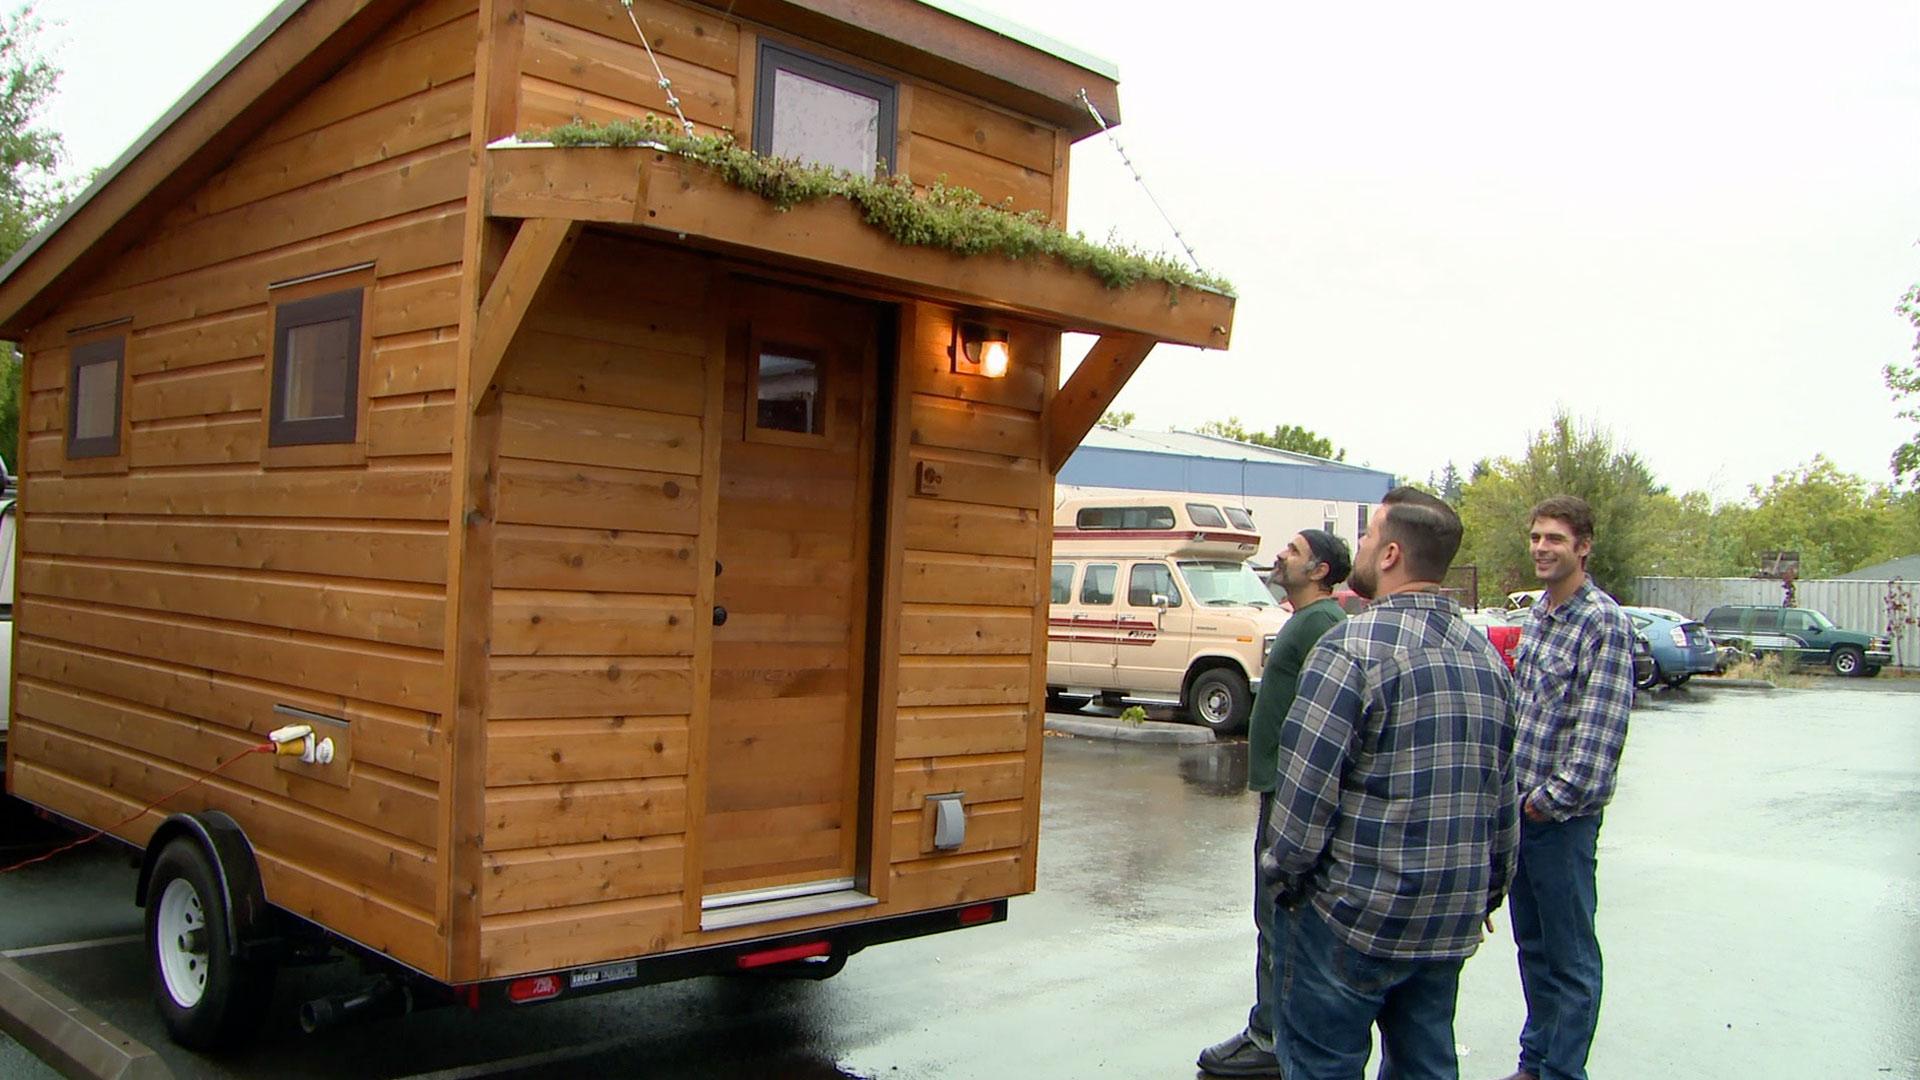 Portable Micro Homes in Portland